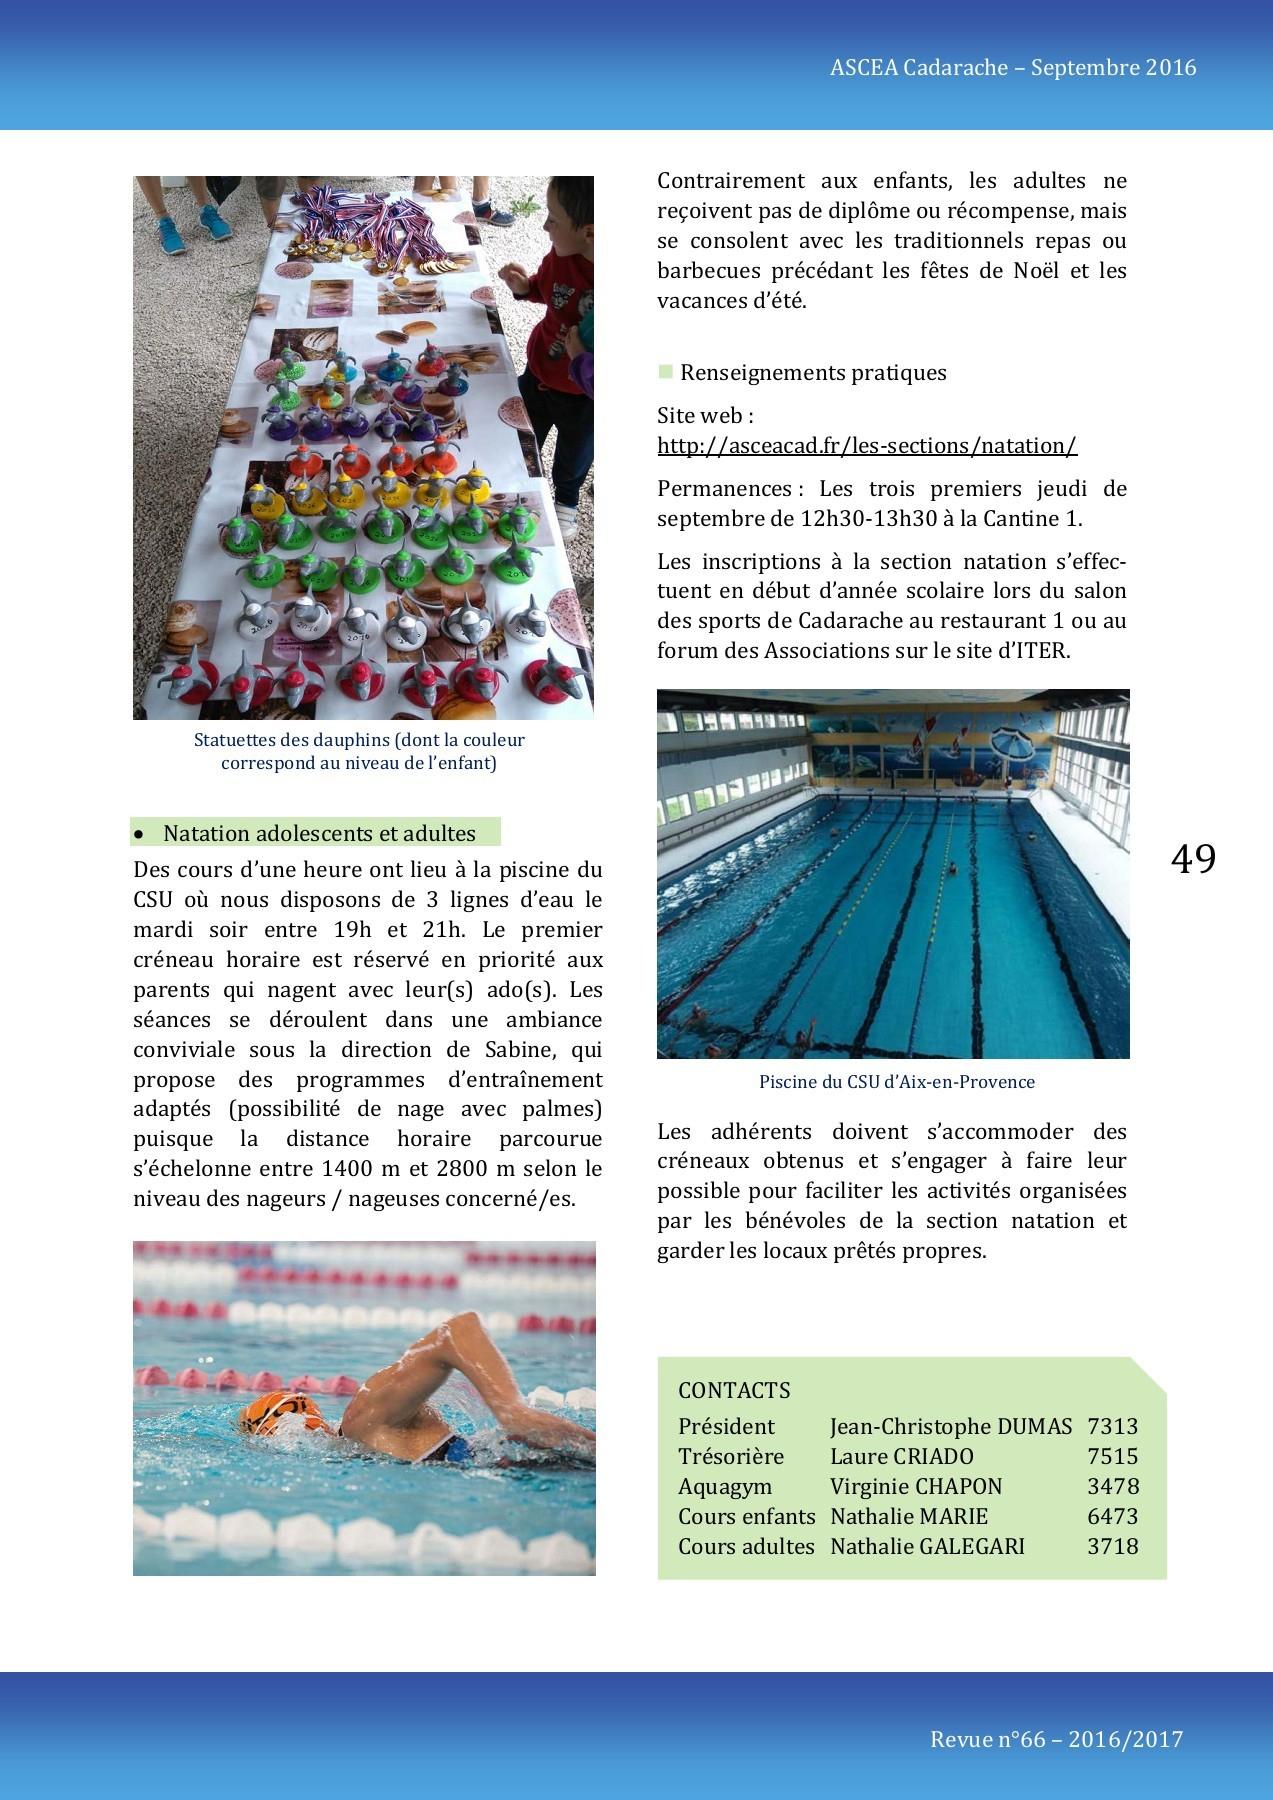 Revue Ascea 2016-2017 Pages 51 - 66 - Text Version | Fliphtml5 destiné Salon De La Piscine 2017